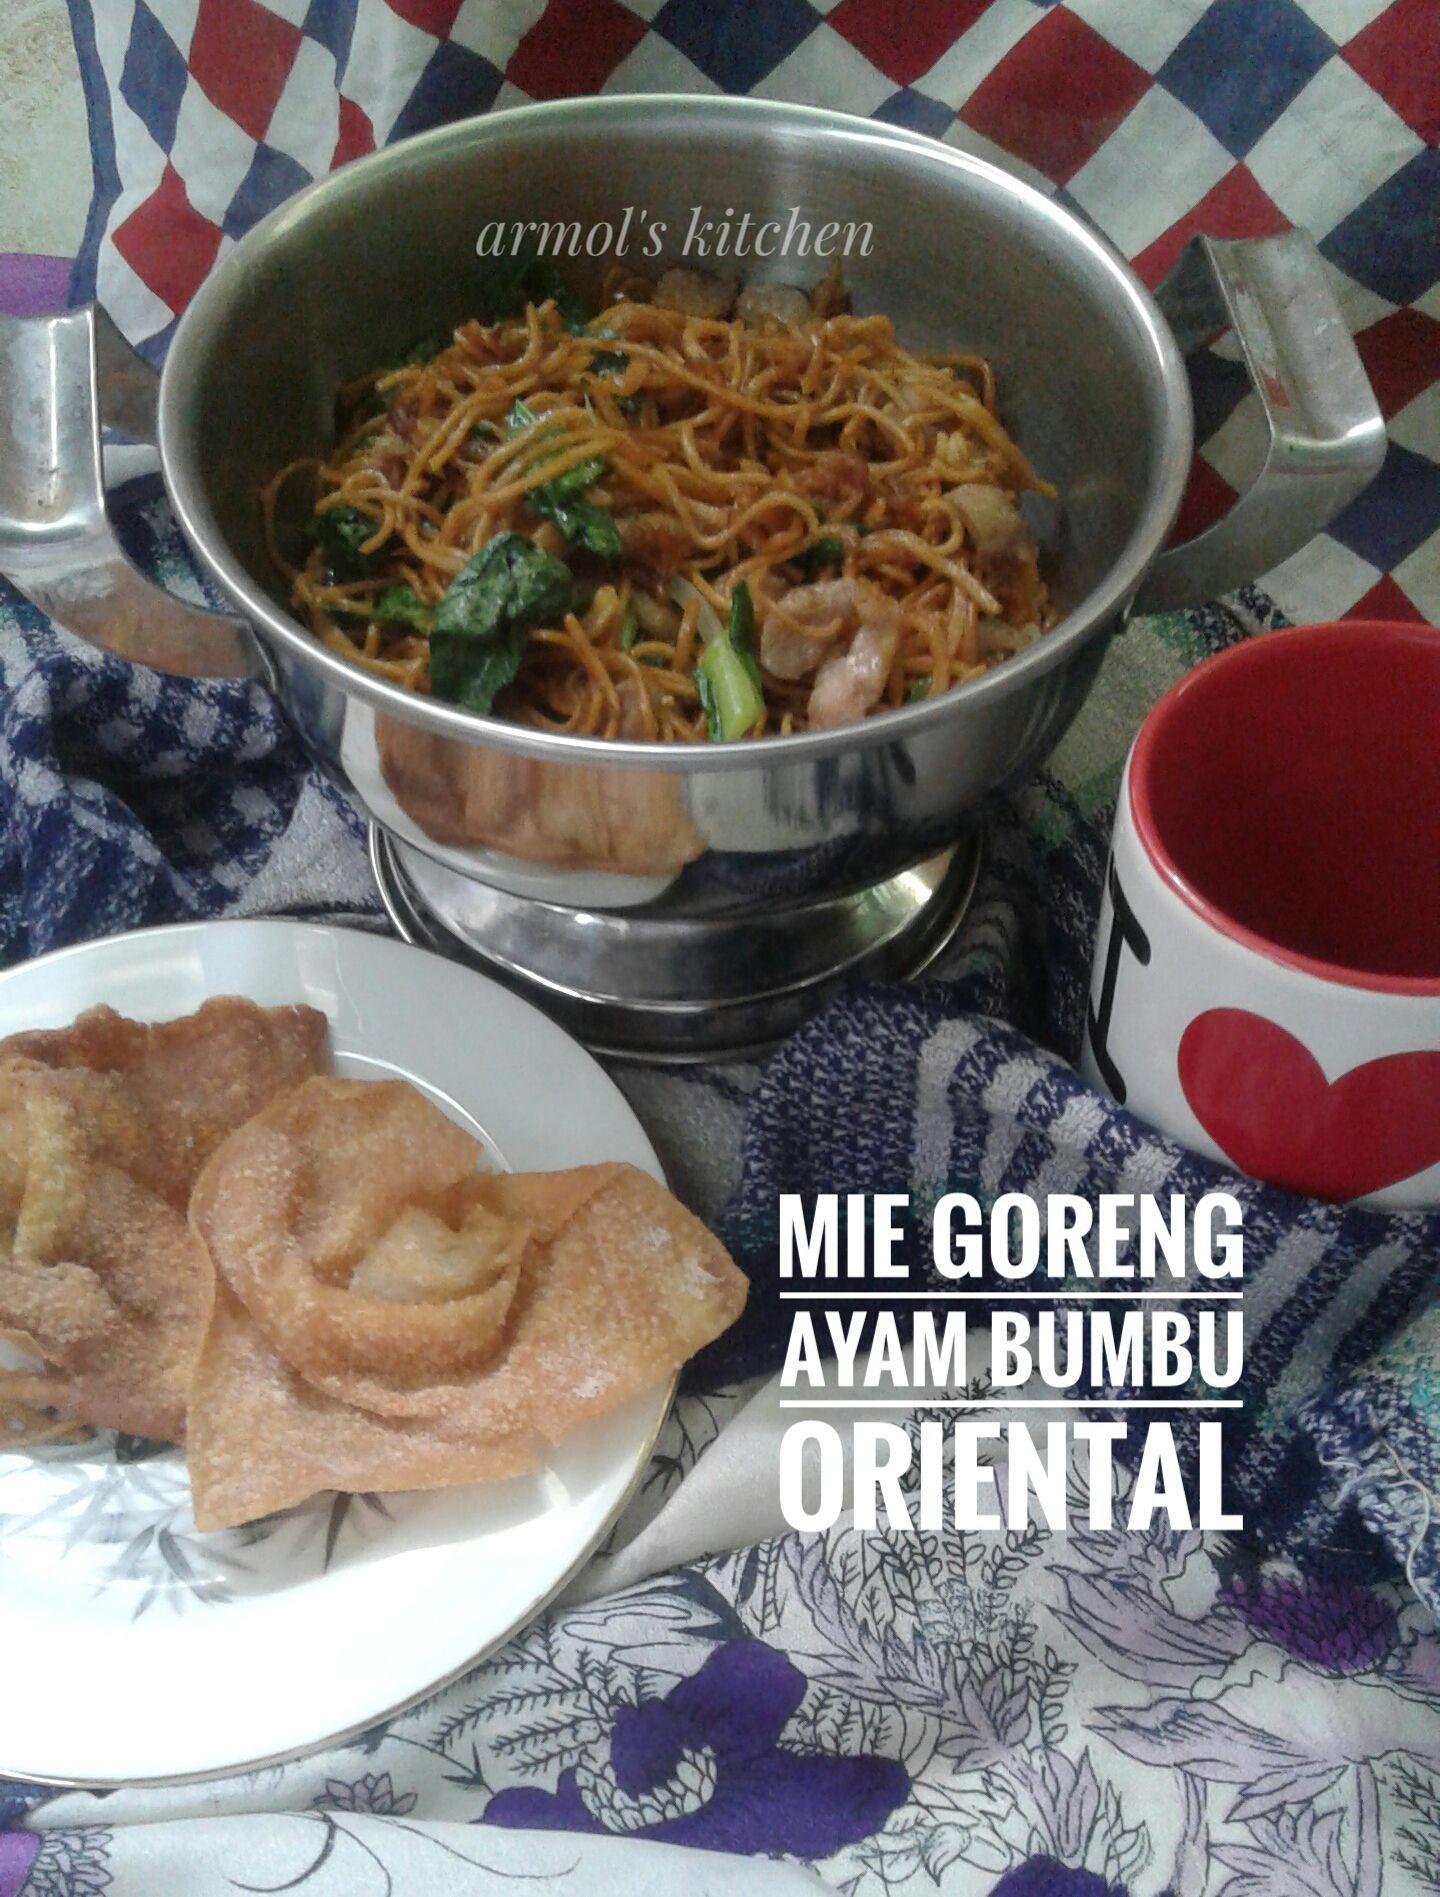 MIe goreng ayam bumbu oriental.  Yuk simak resepnya https://aneka-resep-masakan-online.blogspot.co.id/2016/11/resep-mie-goreng-ayam-bumbu-oriental.html